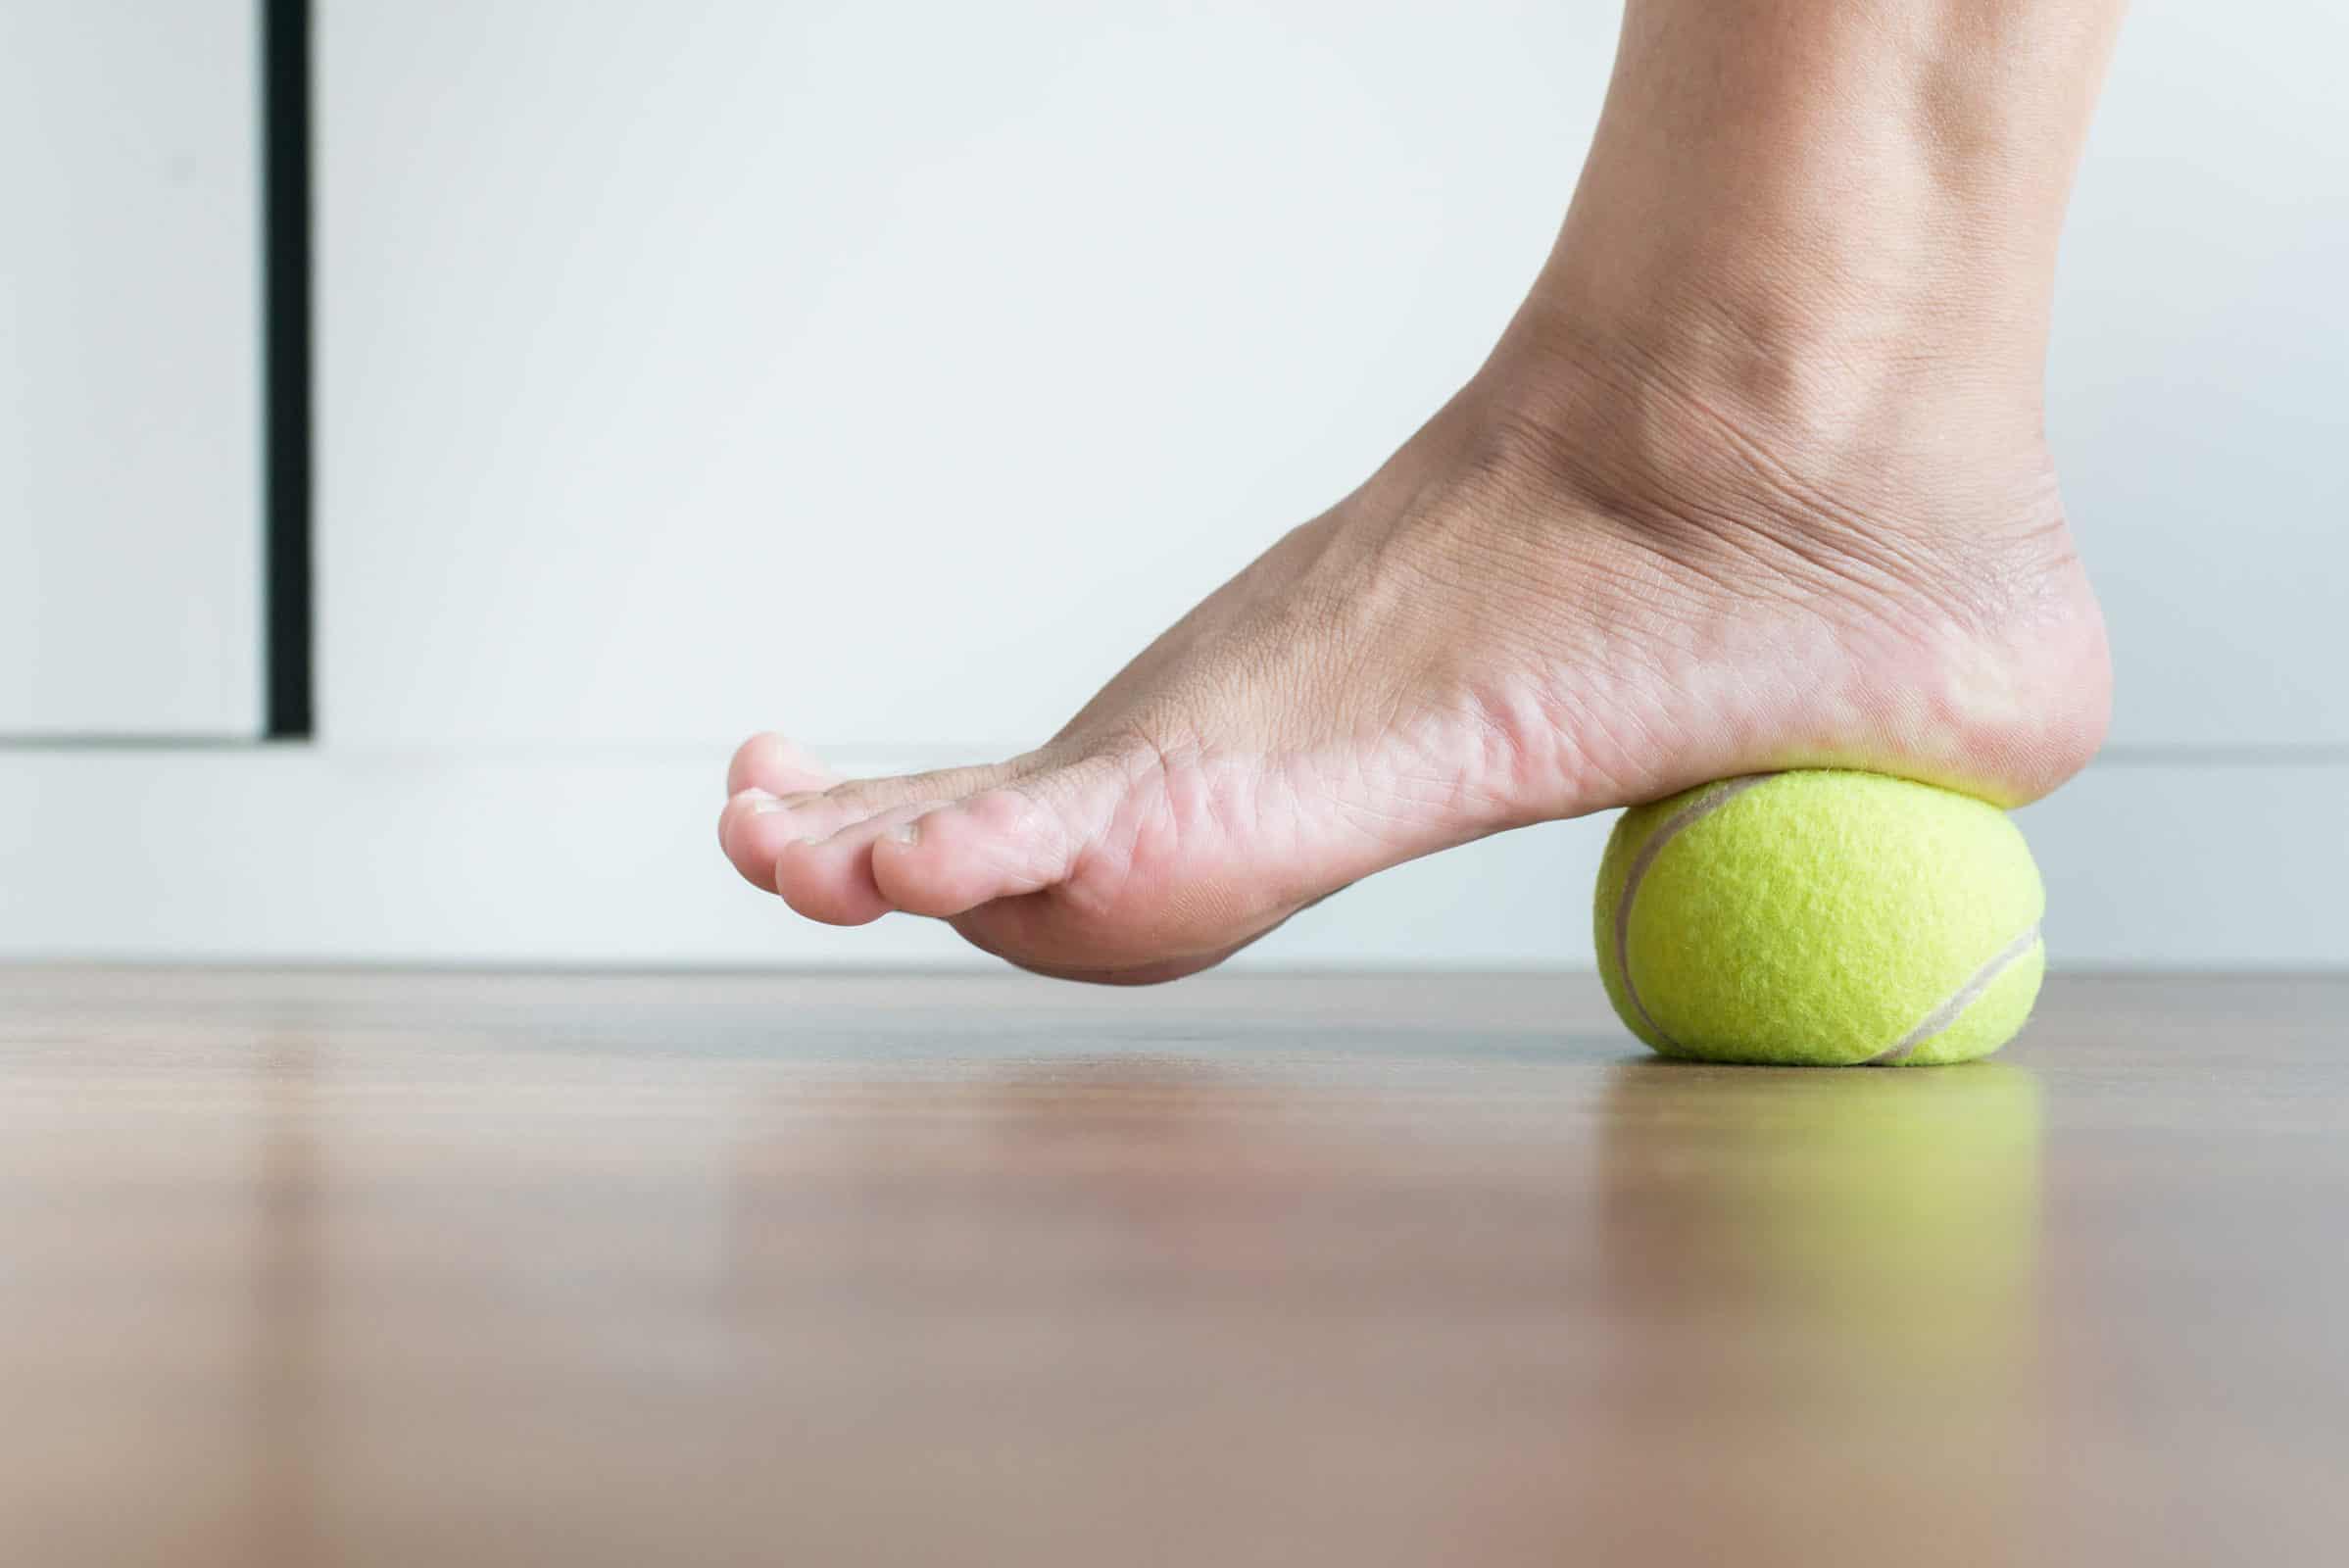 relieve heel pain